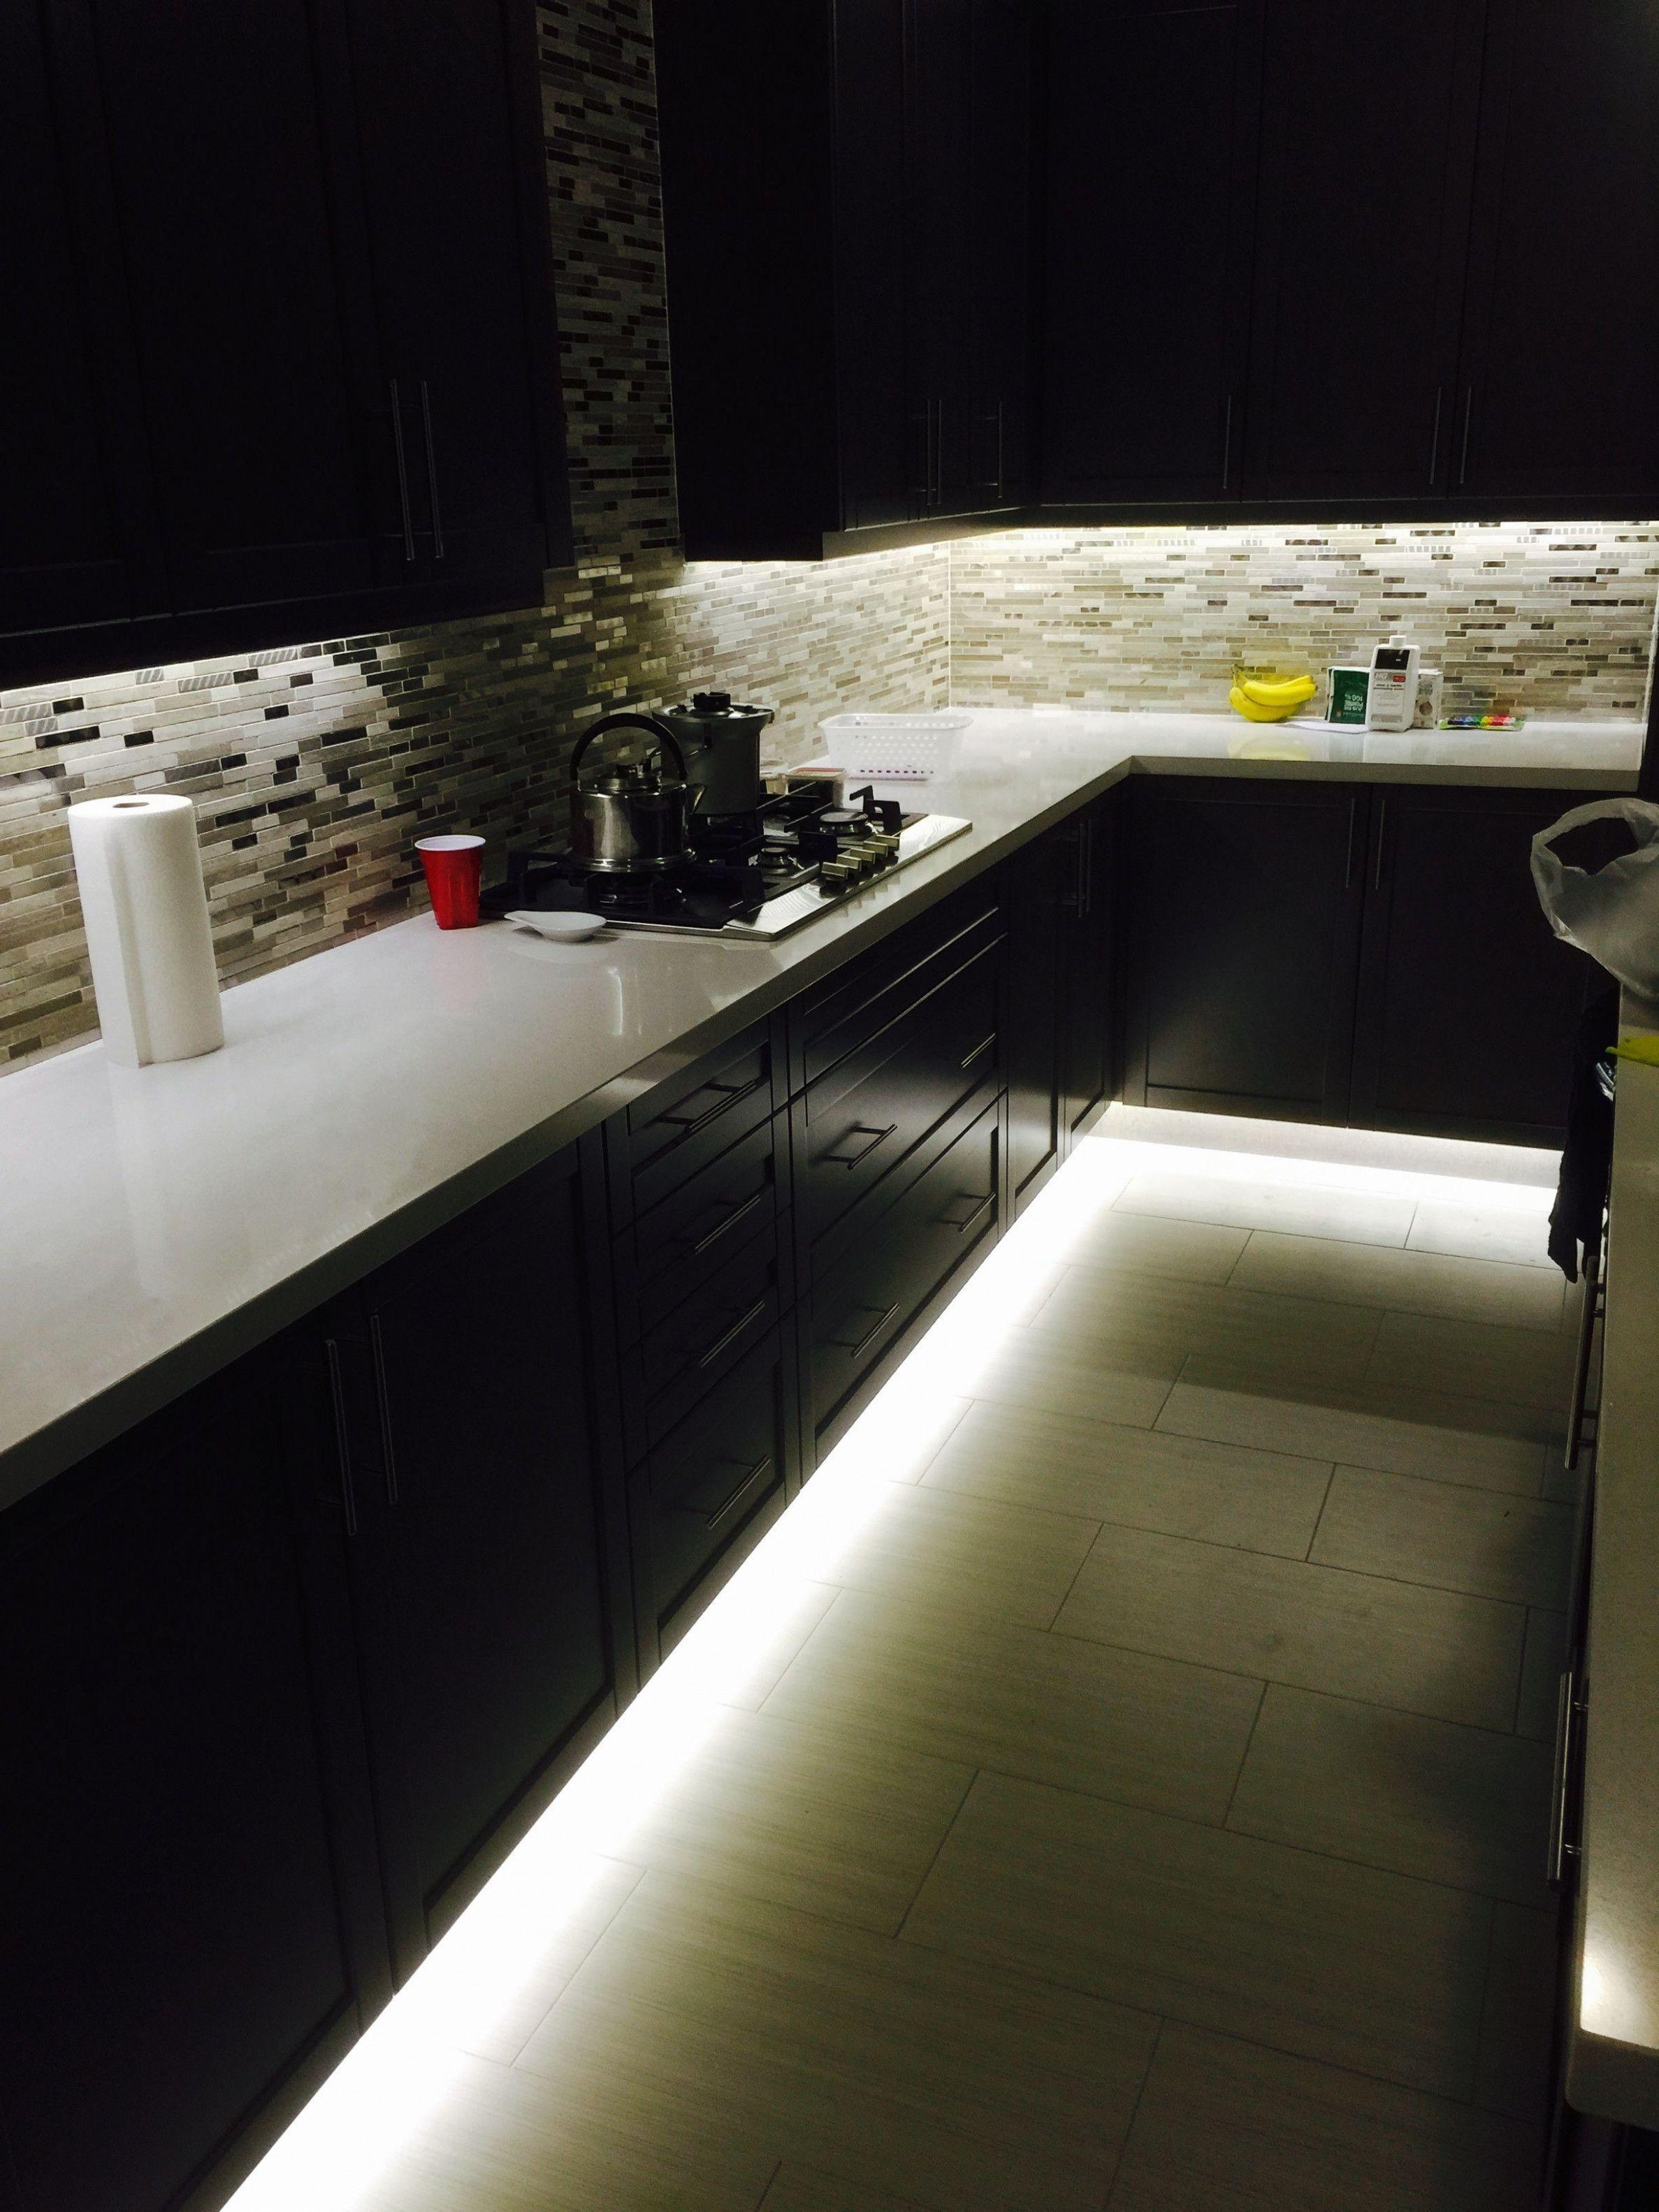 Kitchen Cabinets Lighting Ideas Ideas Kitchen Under Cabinet Lighting Light Kitchen Cabinets Kitchen Led Lighting